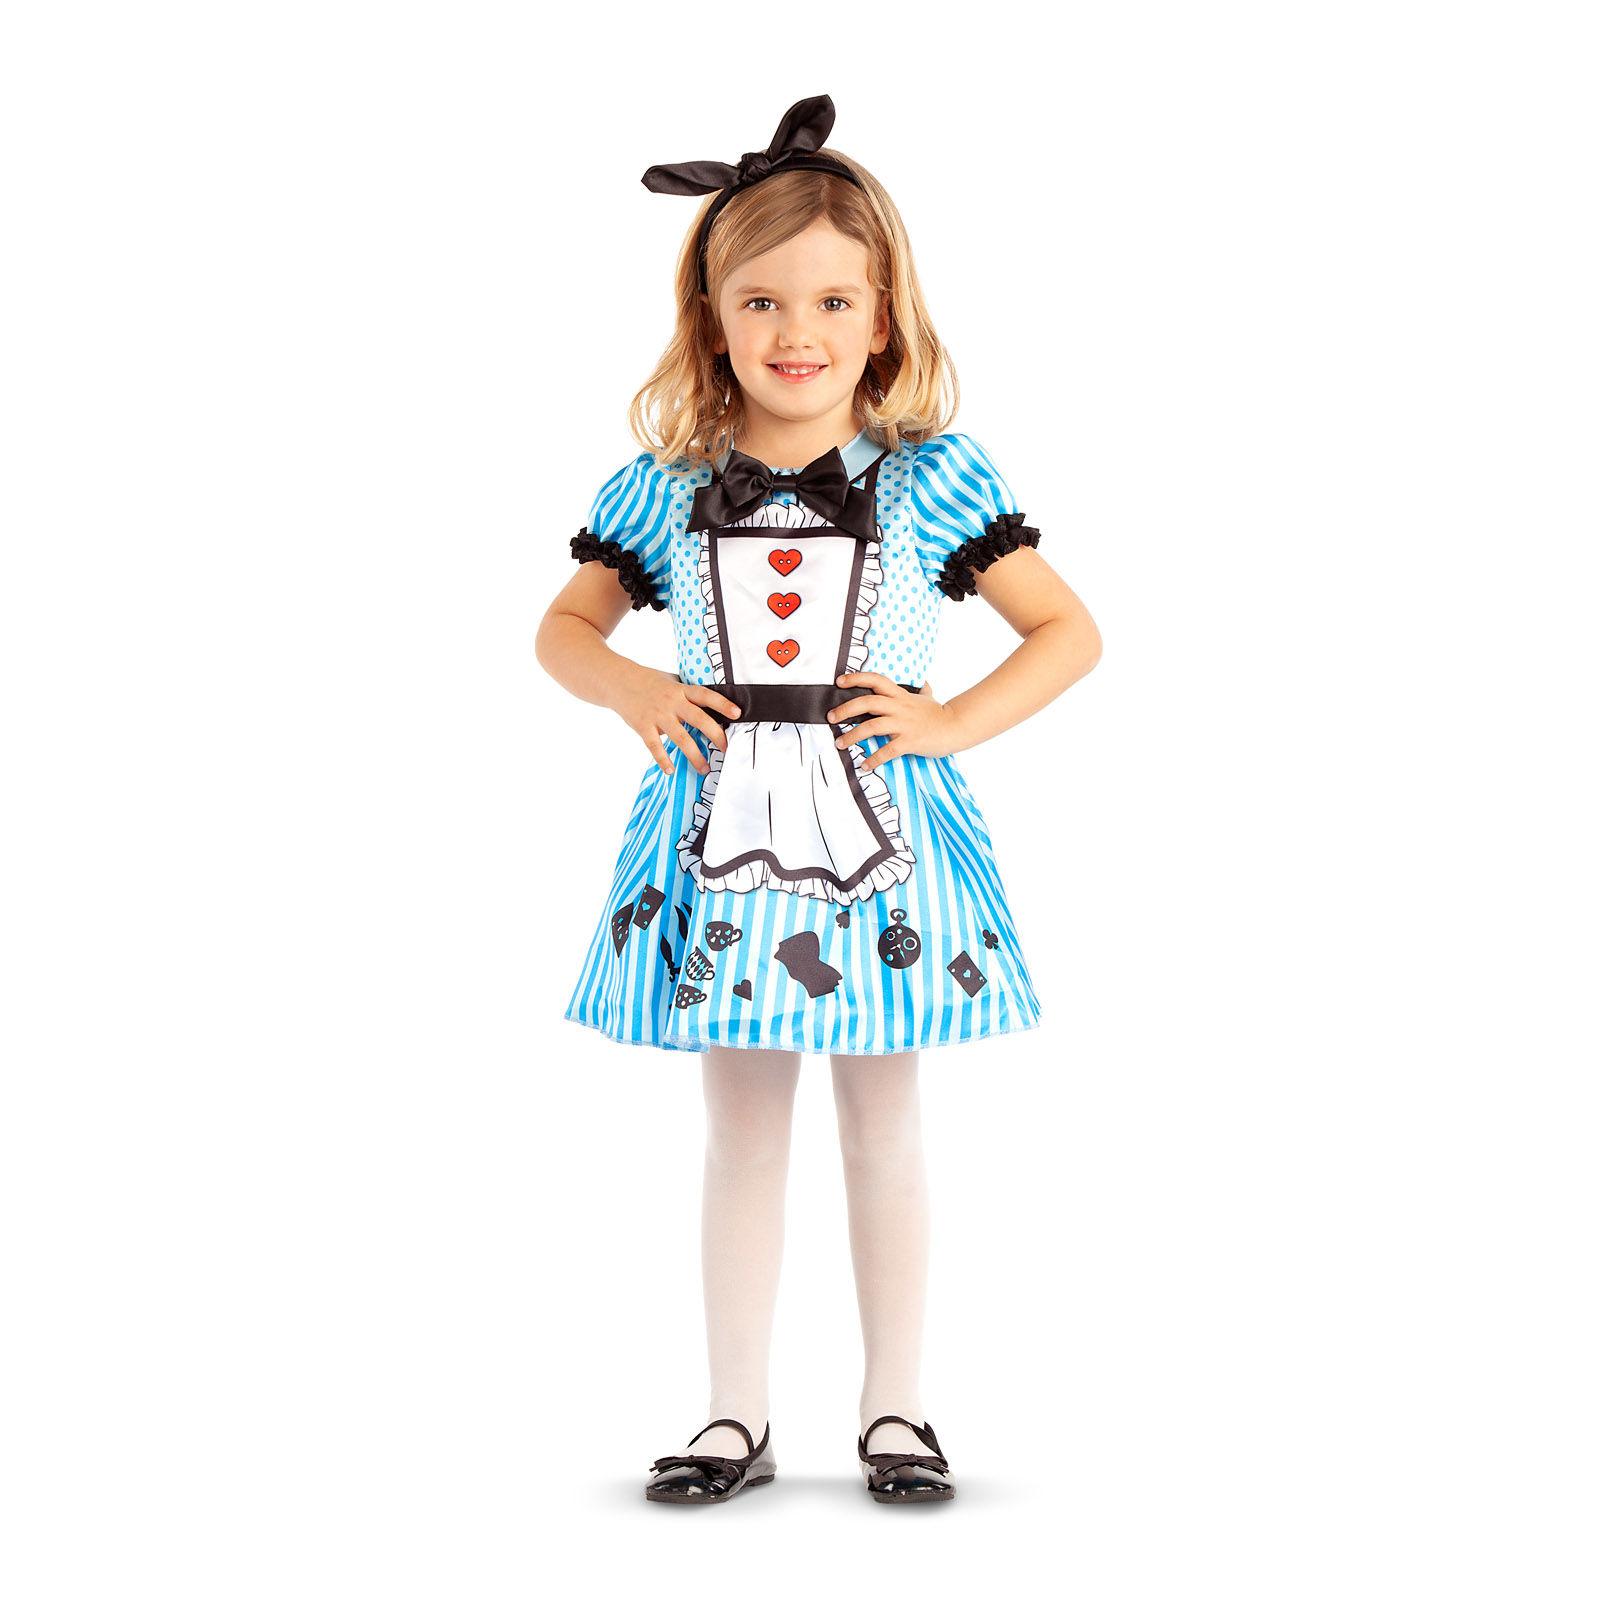 DISFRAZ DE ALICIA BEBÉ - Disfraces para Bebés - Tienda de disfraces online